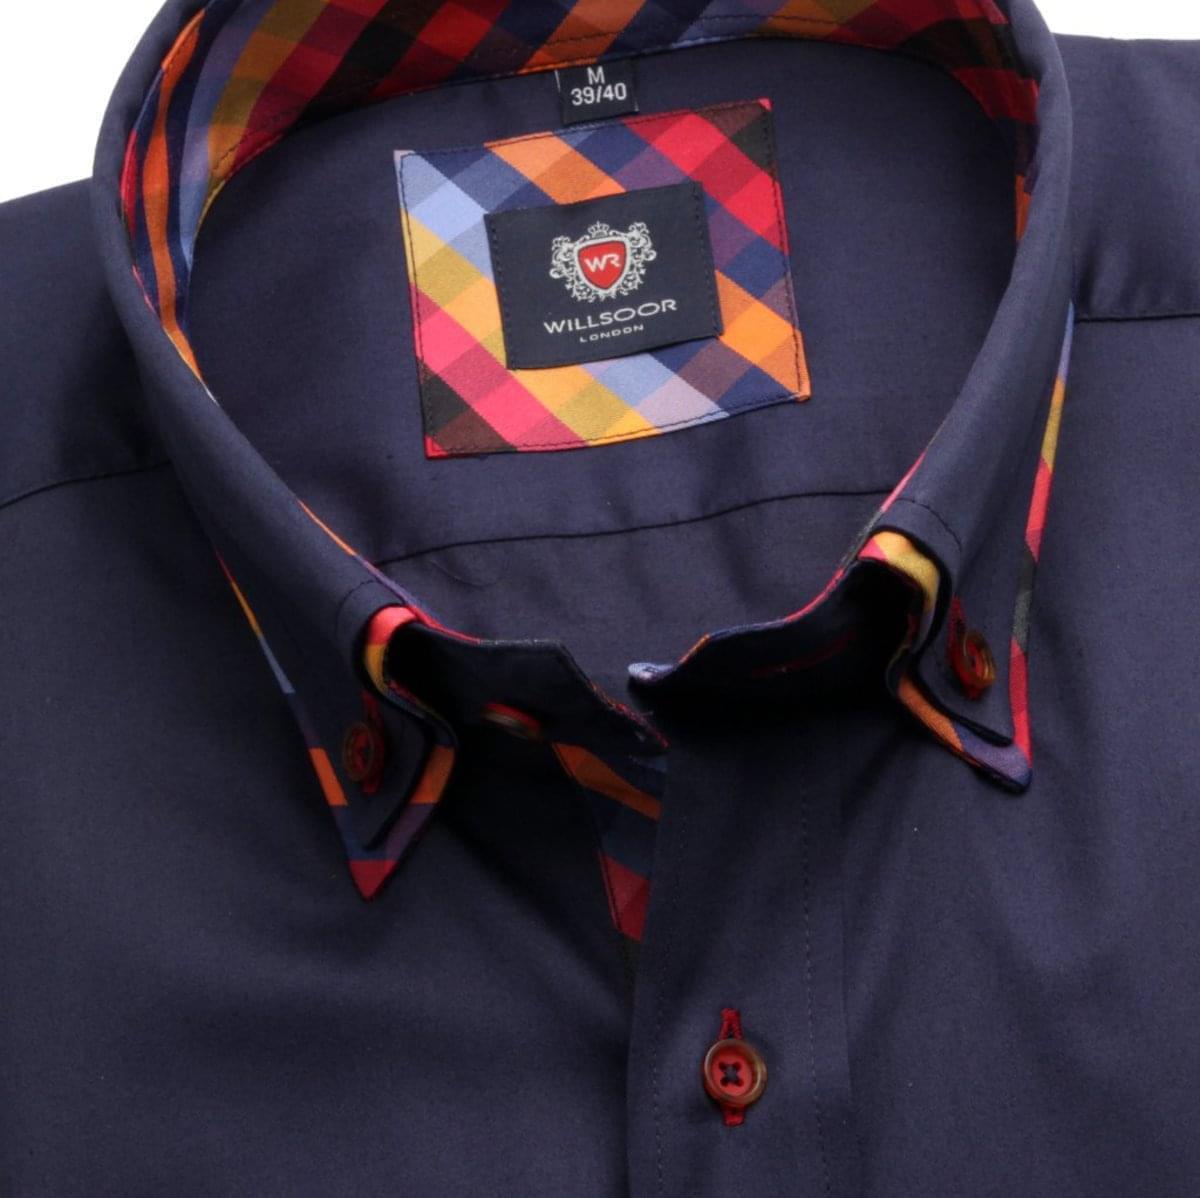 Pánská košile London (výška 176-182) 5927 v modré barvě s formulí Easy Care 176-182 / M (39/40)